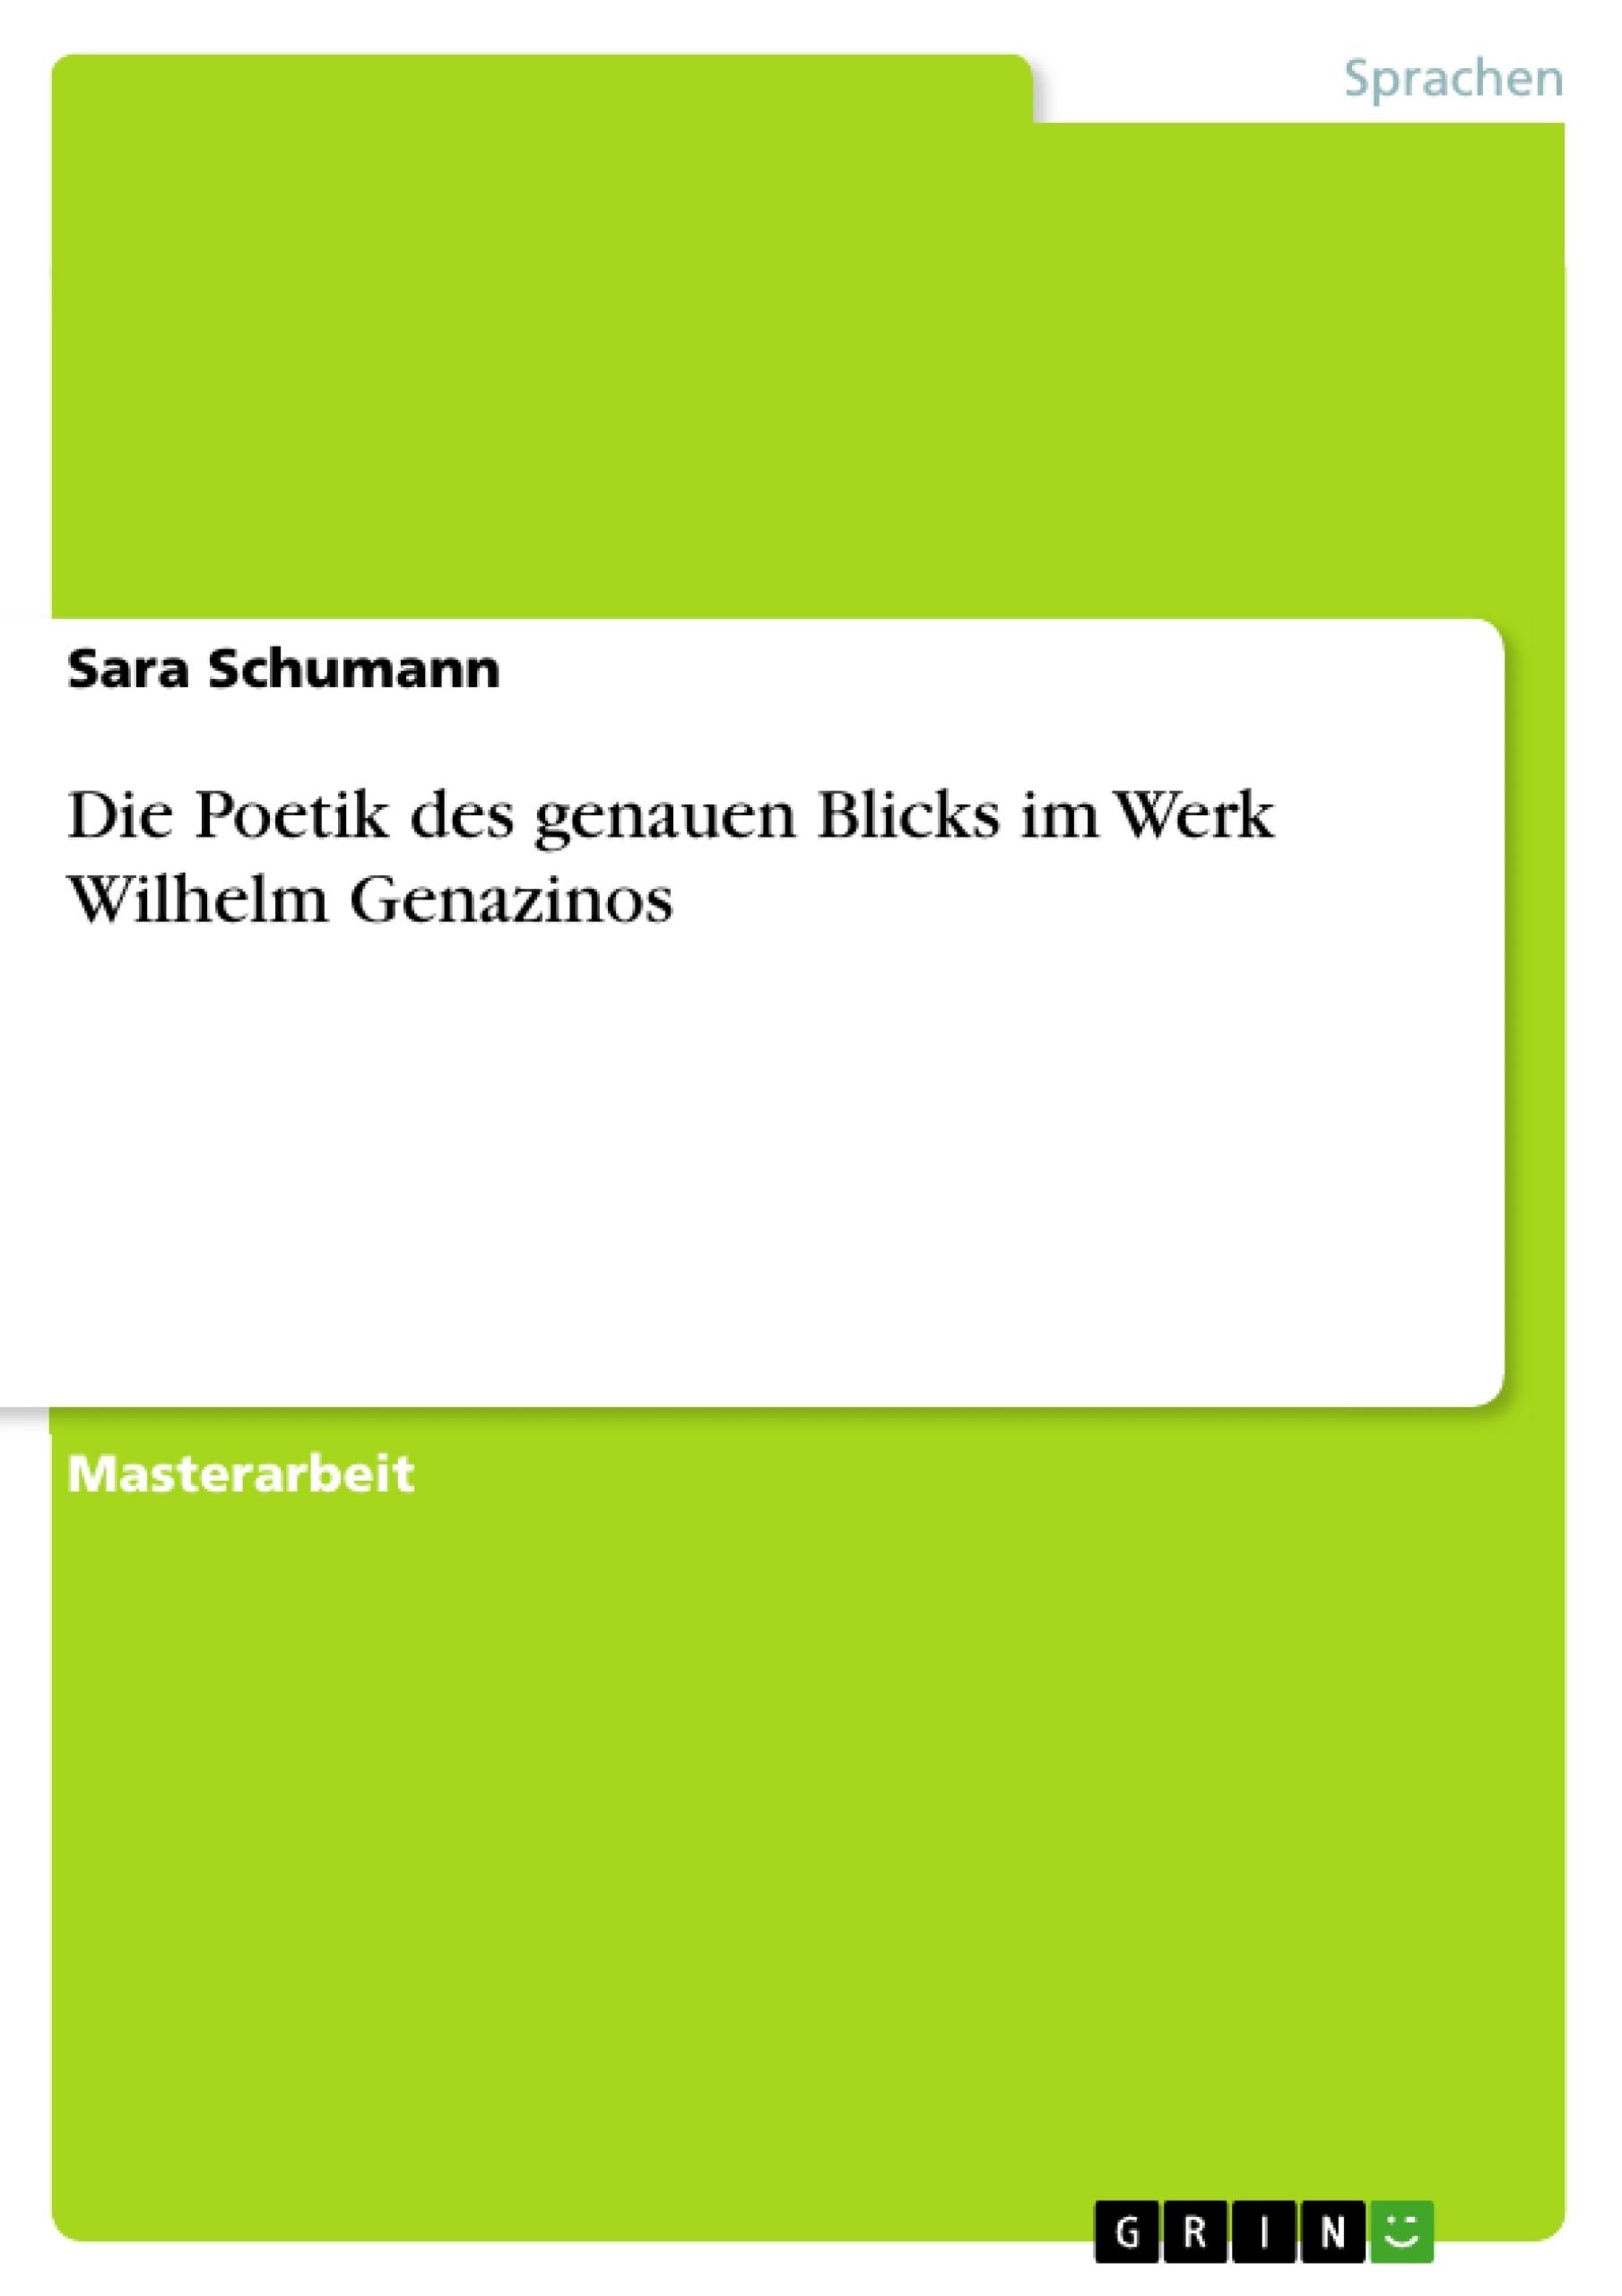 Titel: Die Poetik des genauen Blicks im Werk Wilhelm Genazinos